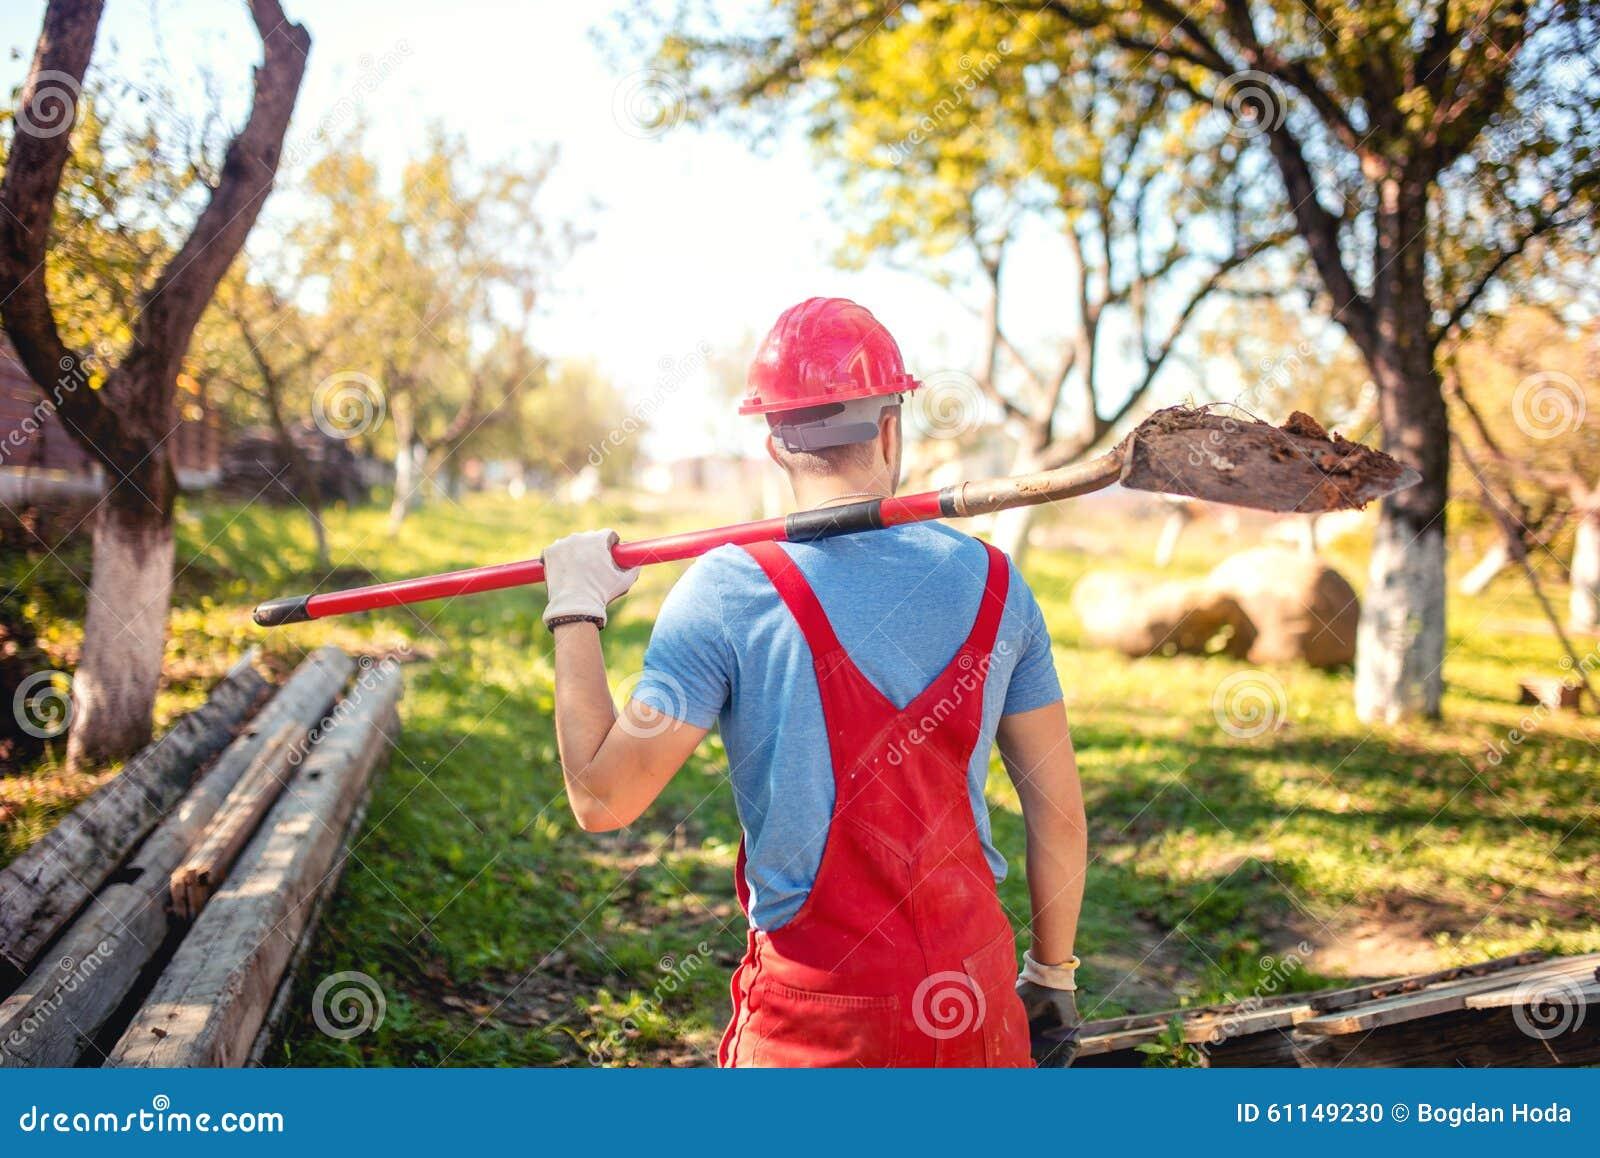 Le travailleur industriel avec le casque et le travail portent utilisant une pelle pour creuser un tunnel concept d agriculture a